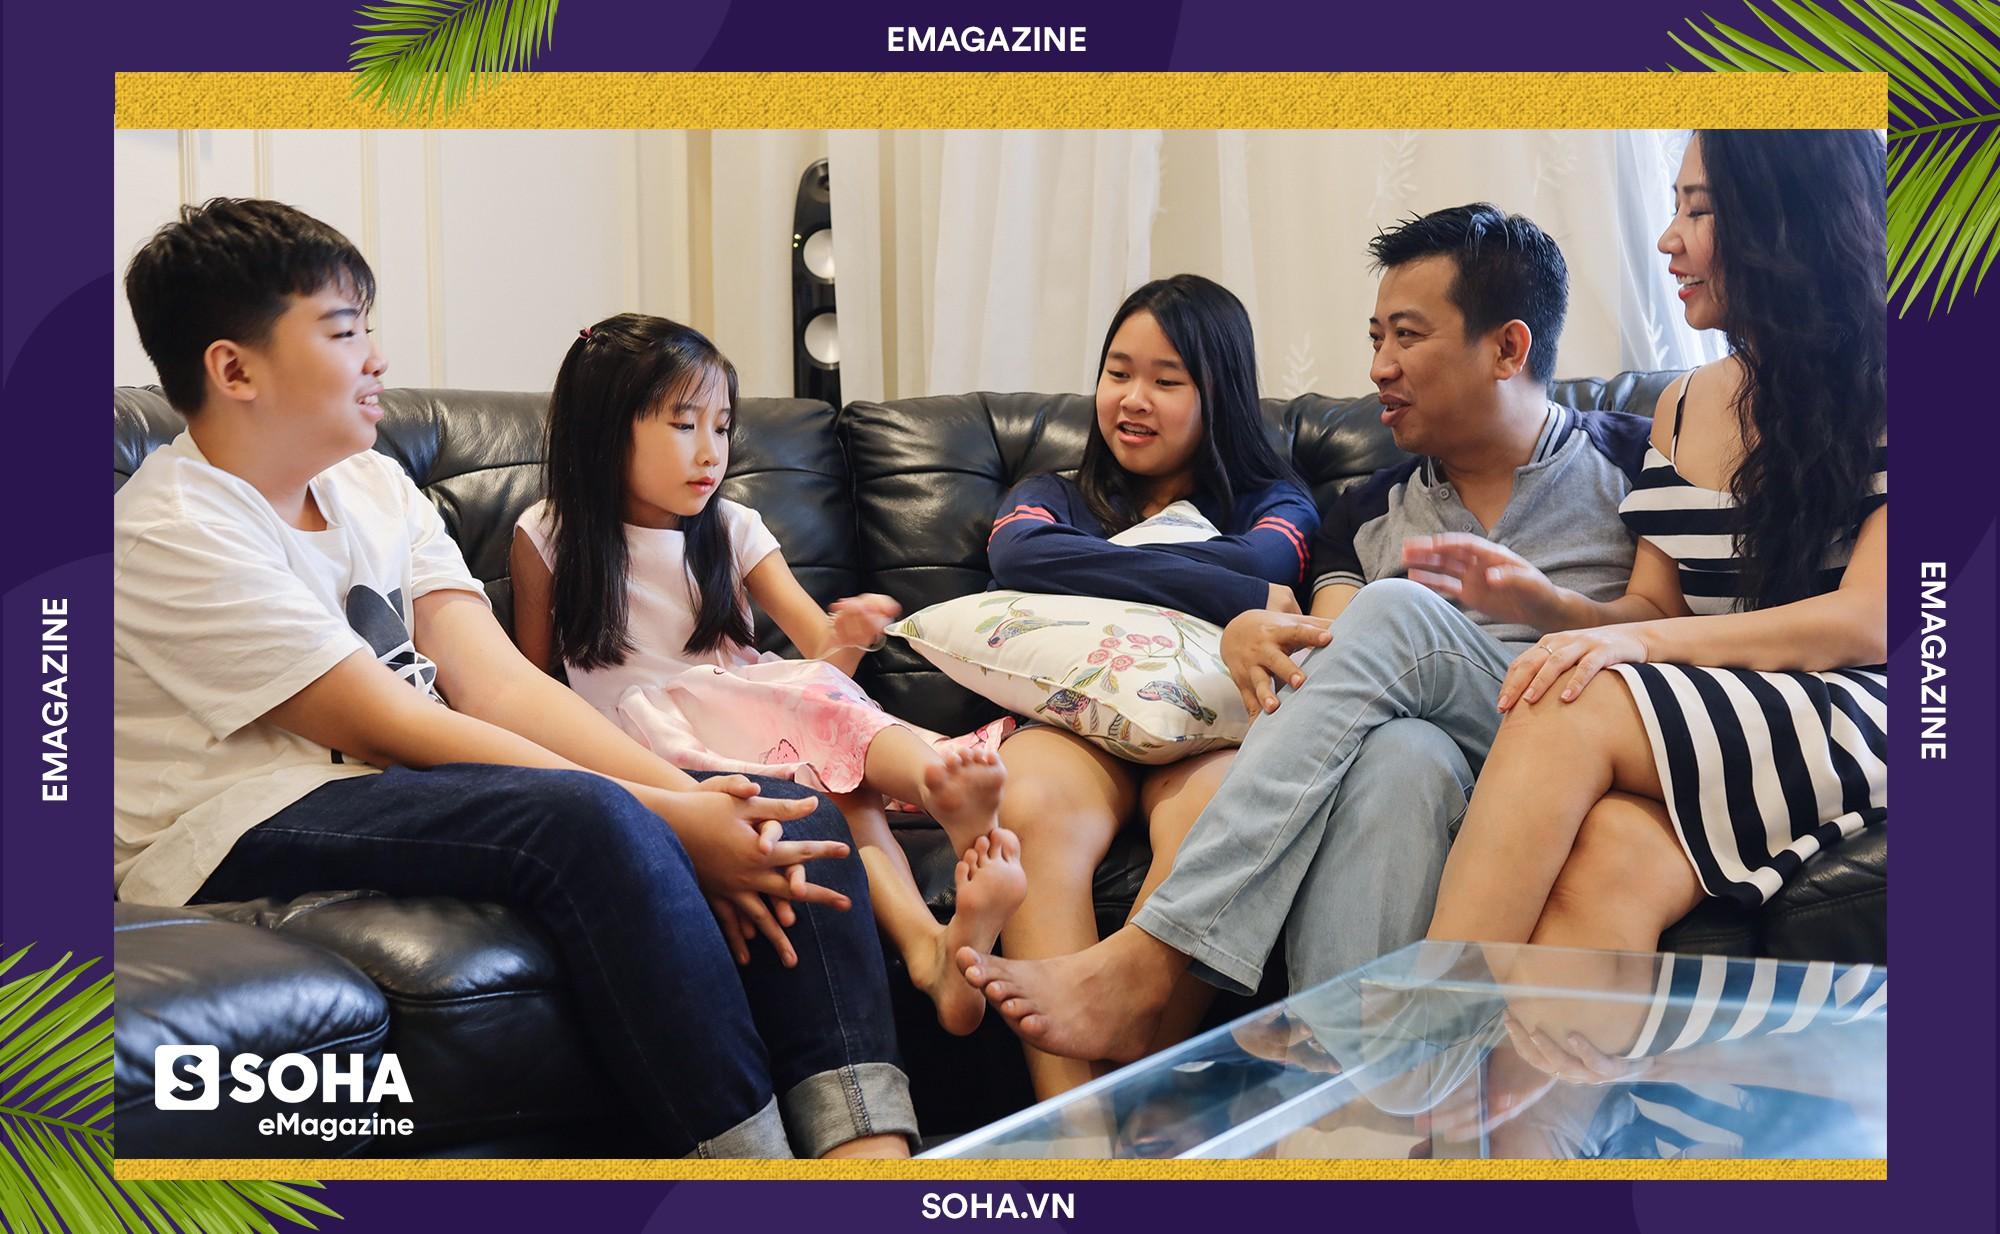 Bí kíp dạy con của Chánh Văn: 'Đừng trở thành một ông bố tâm lý. Hãy cố gắng trở thành ông bố ngoài cuộc' - Ảnh 20.